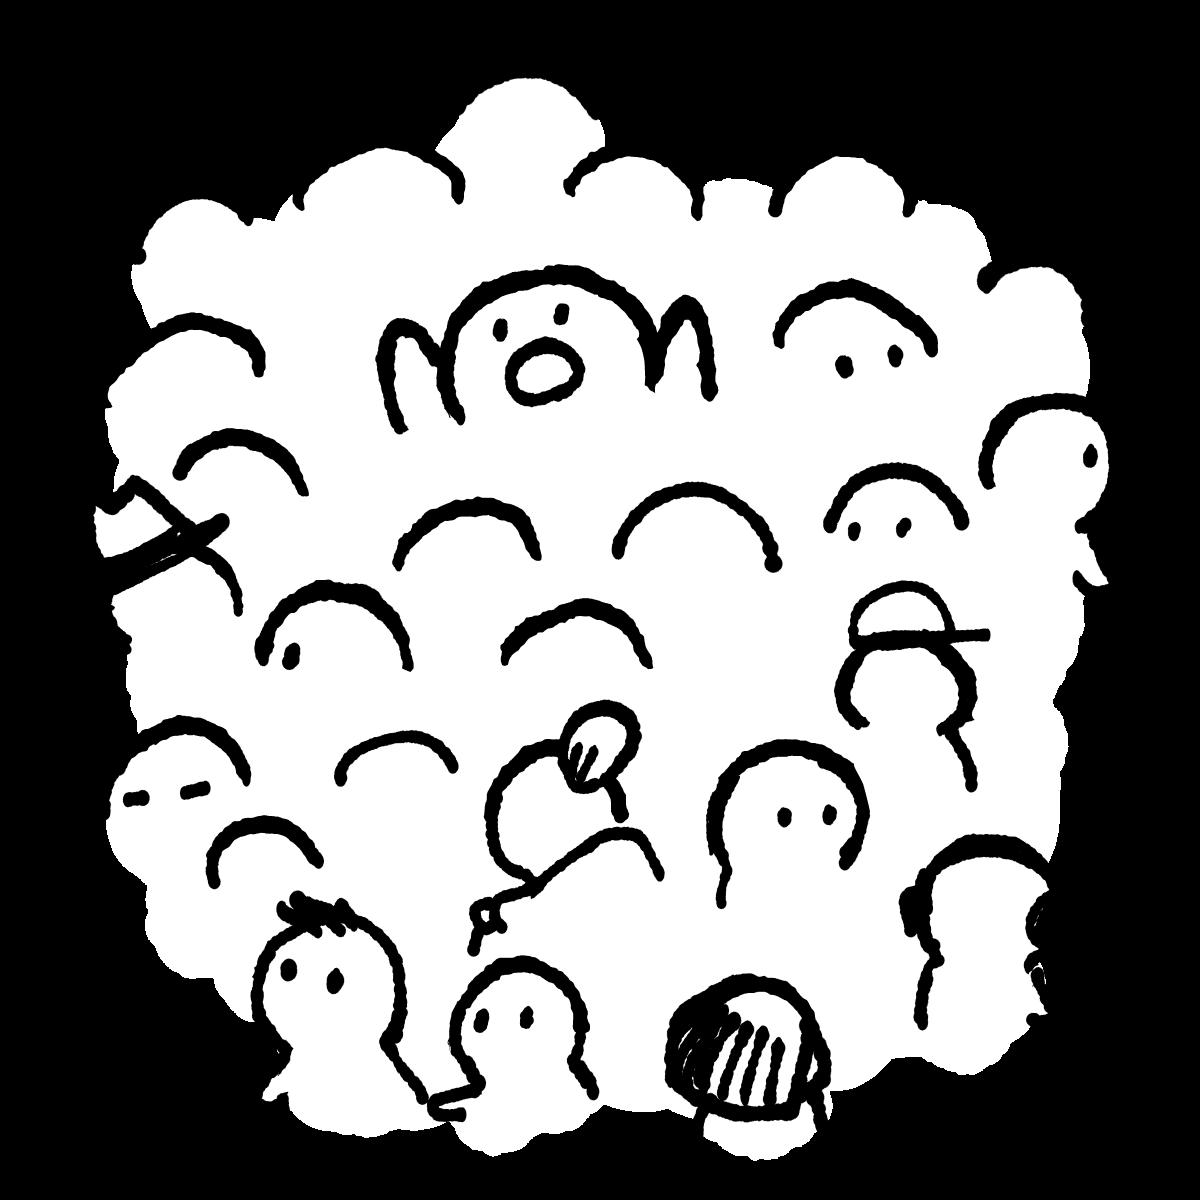 群衆(密集・三密)のイラスト / Crowds (dense) Illustration